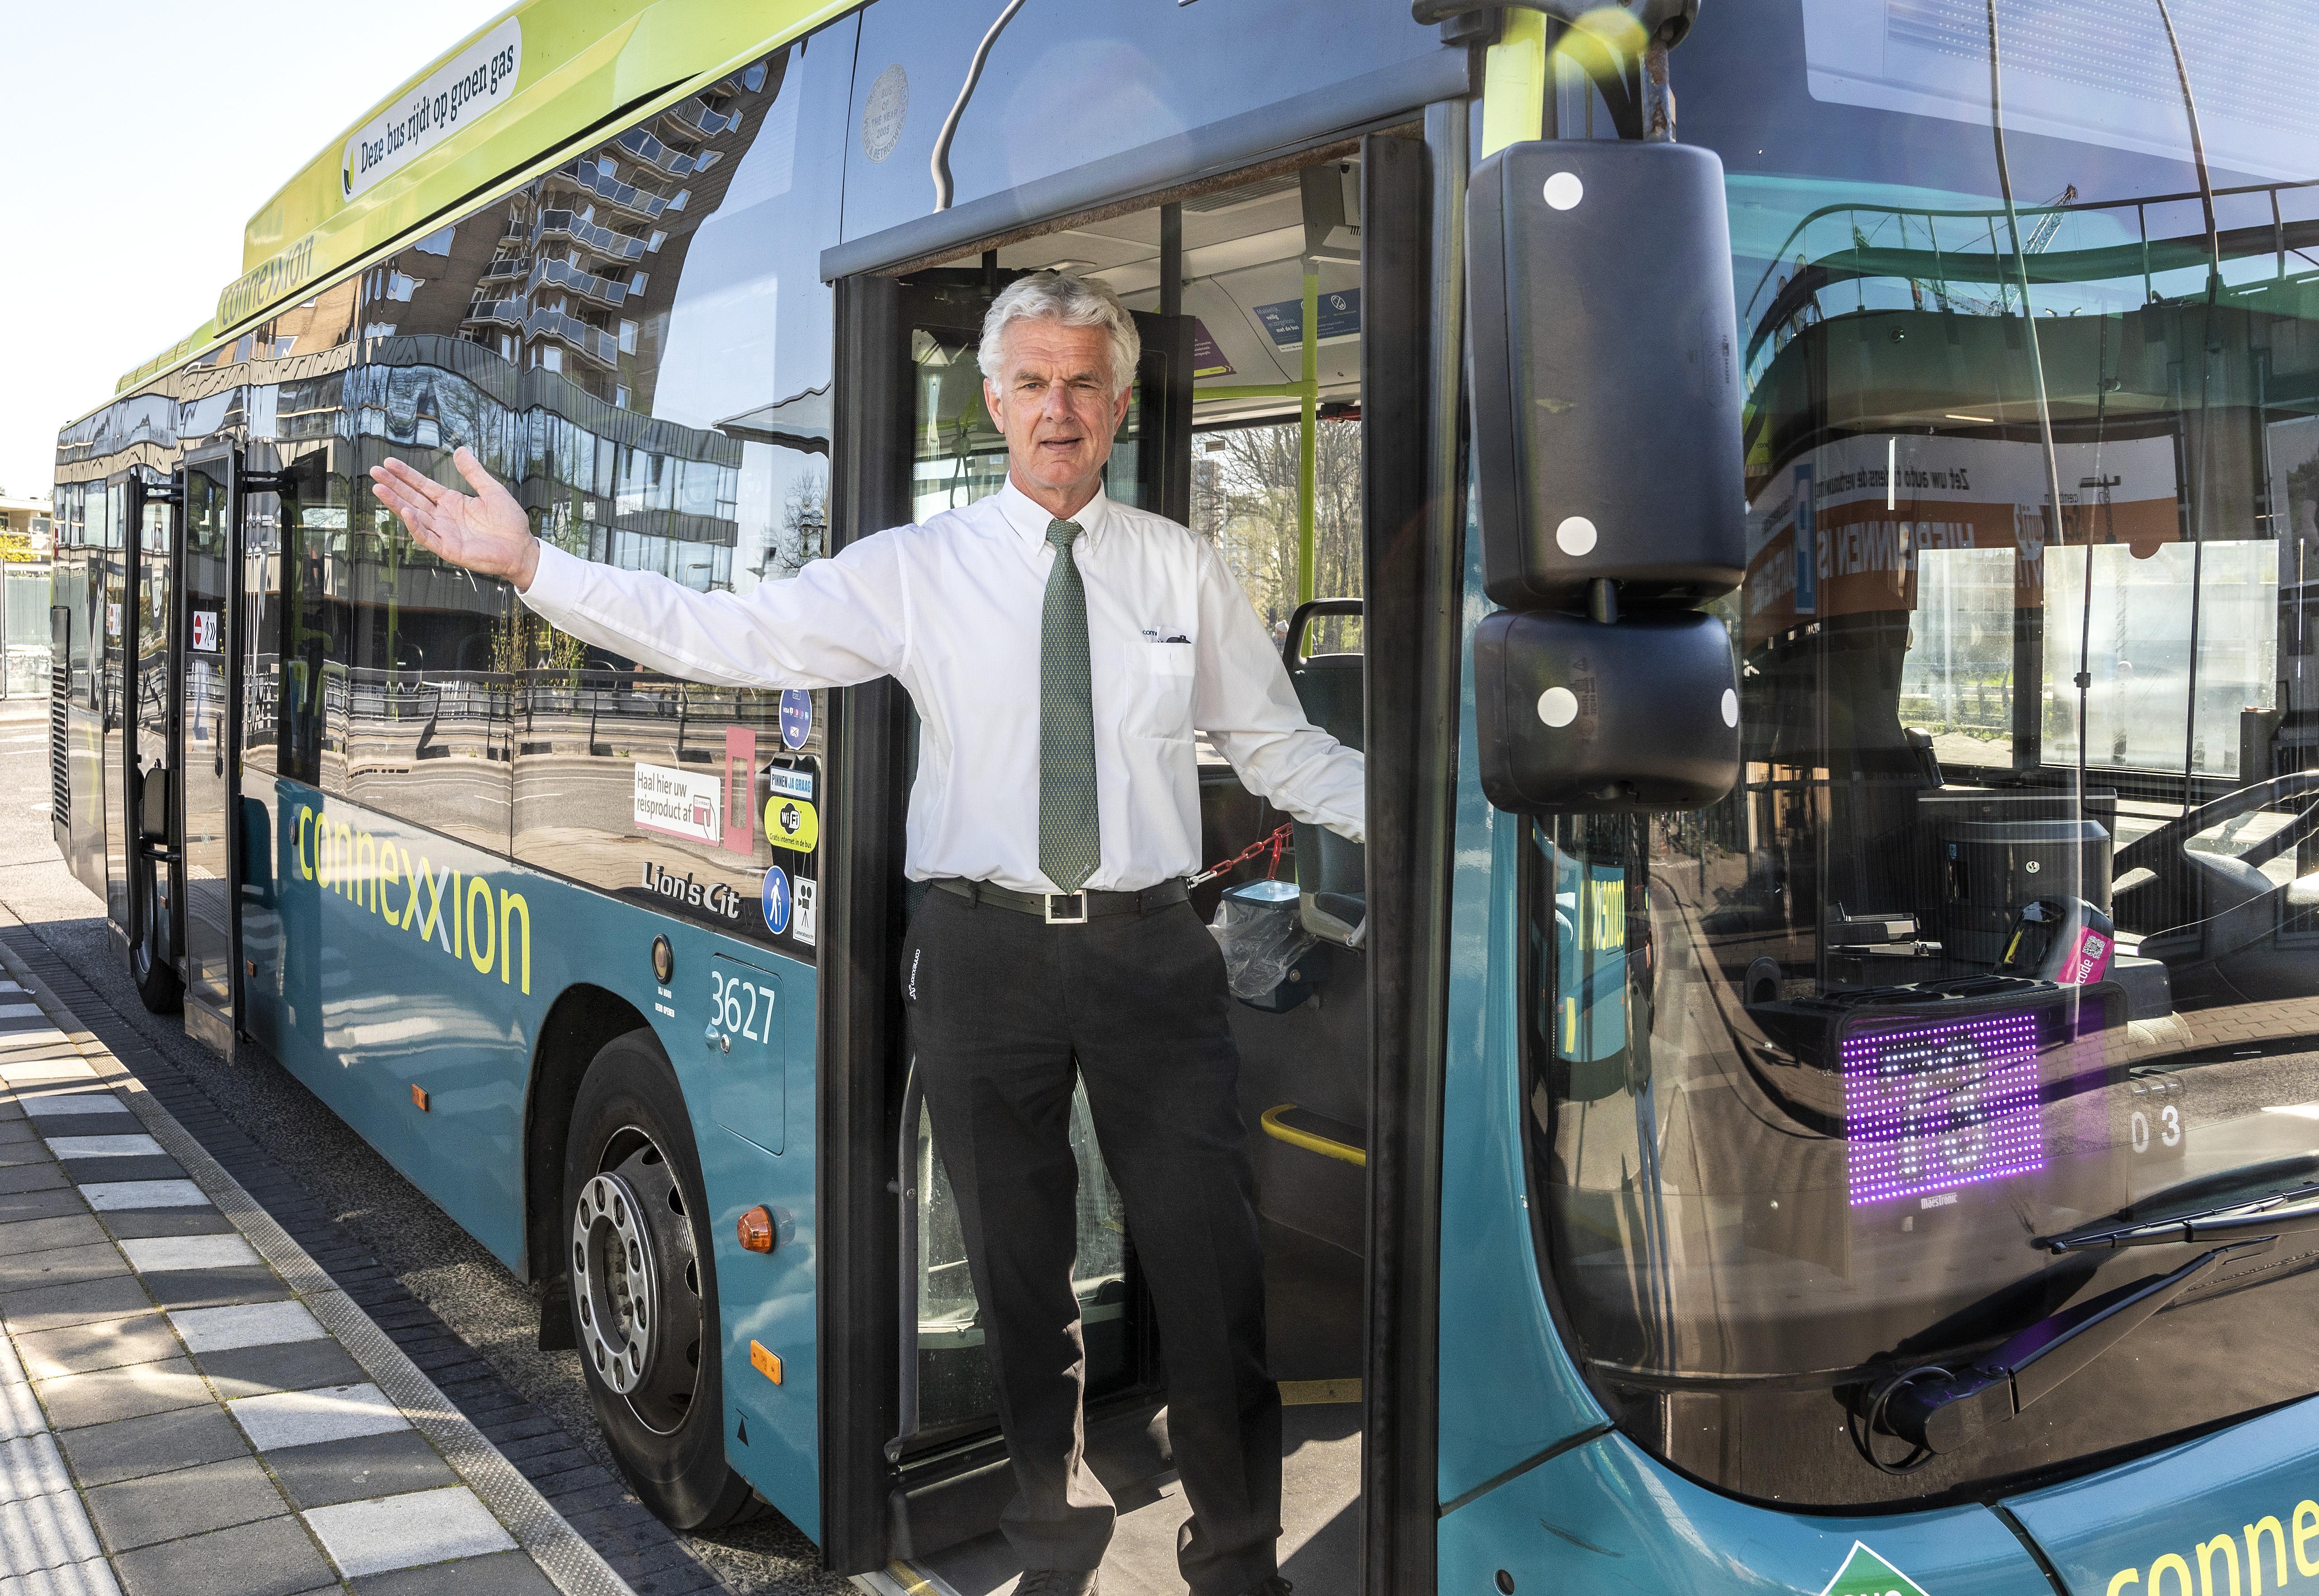 Opeens zat het halve kabinet Rutte-II bij Velserbroeker Bert Loerakker in zijn bus